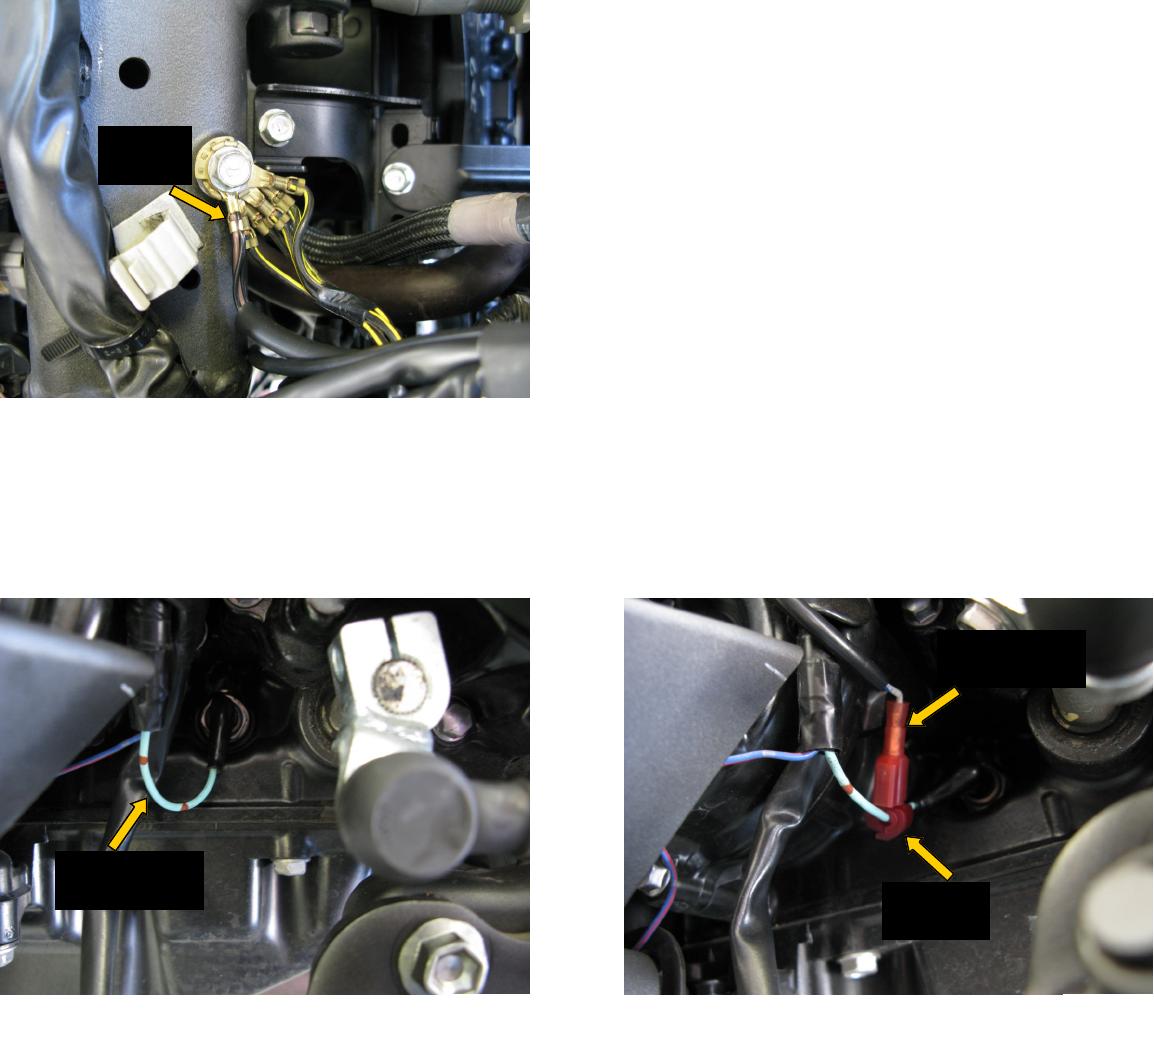 kawasaki ninja wiring harness routing bazzaz t490i  bazzaz t490i